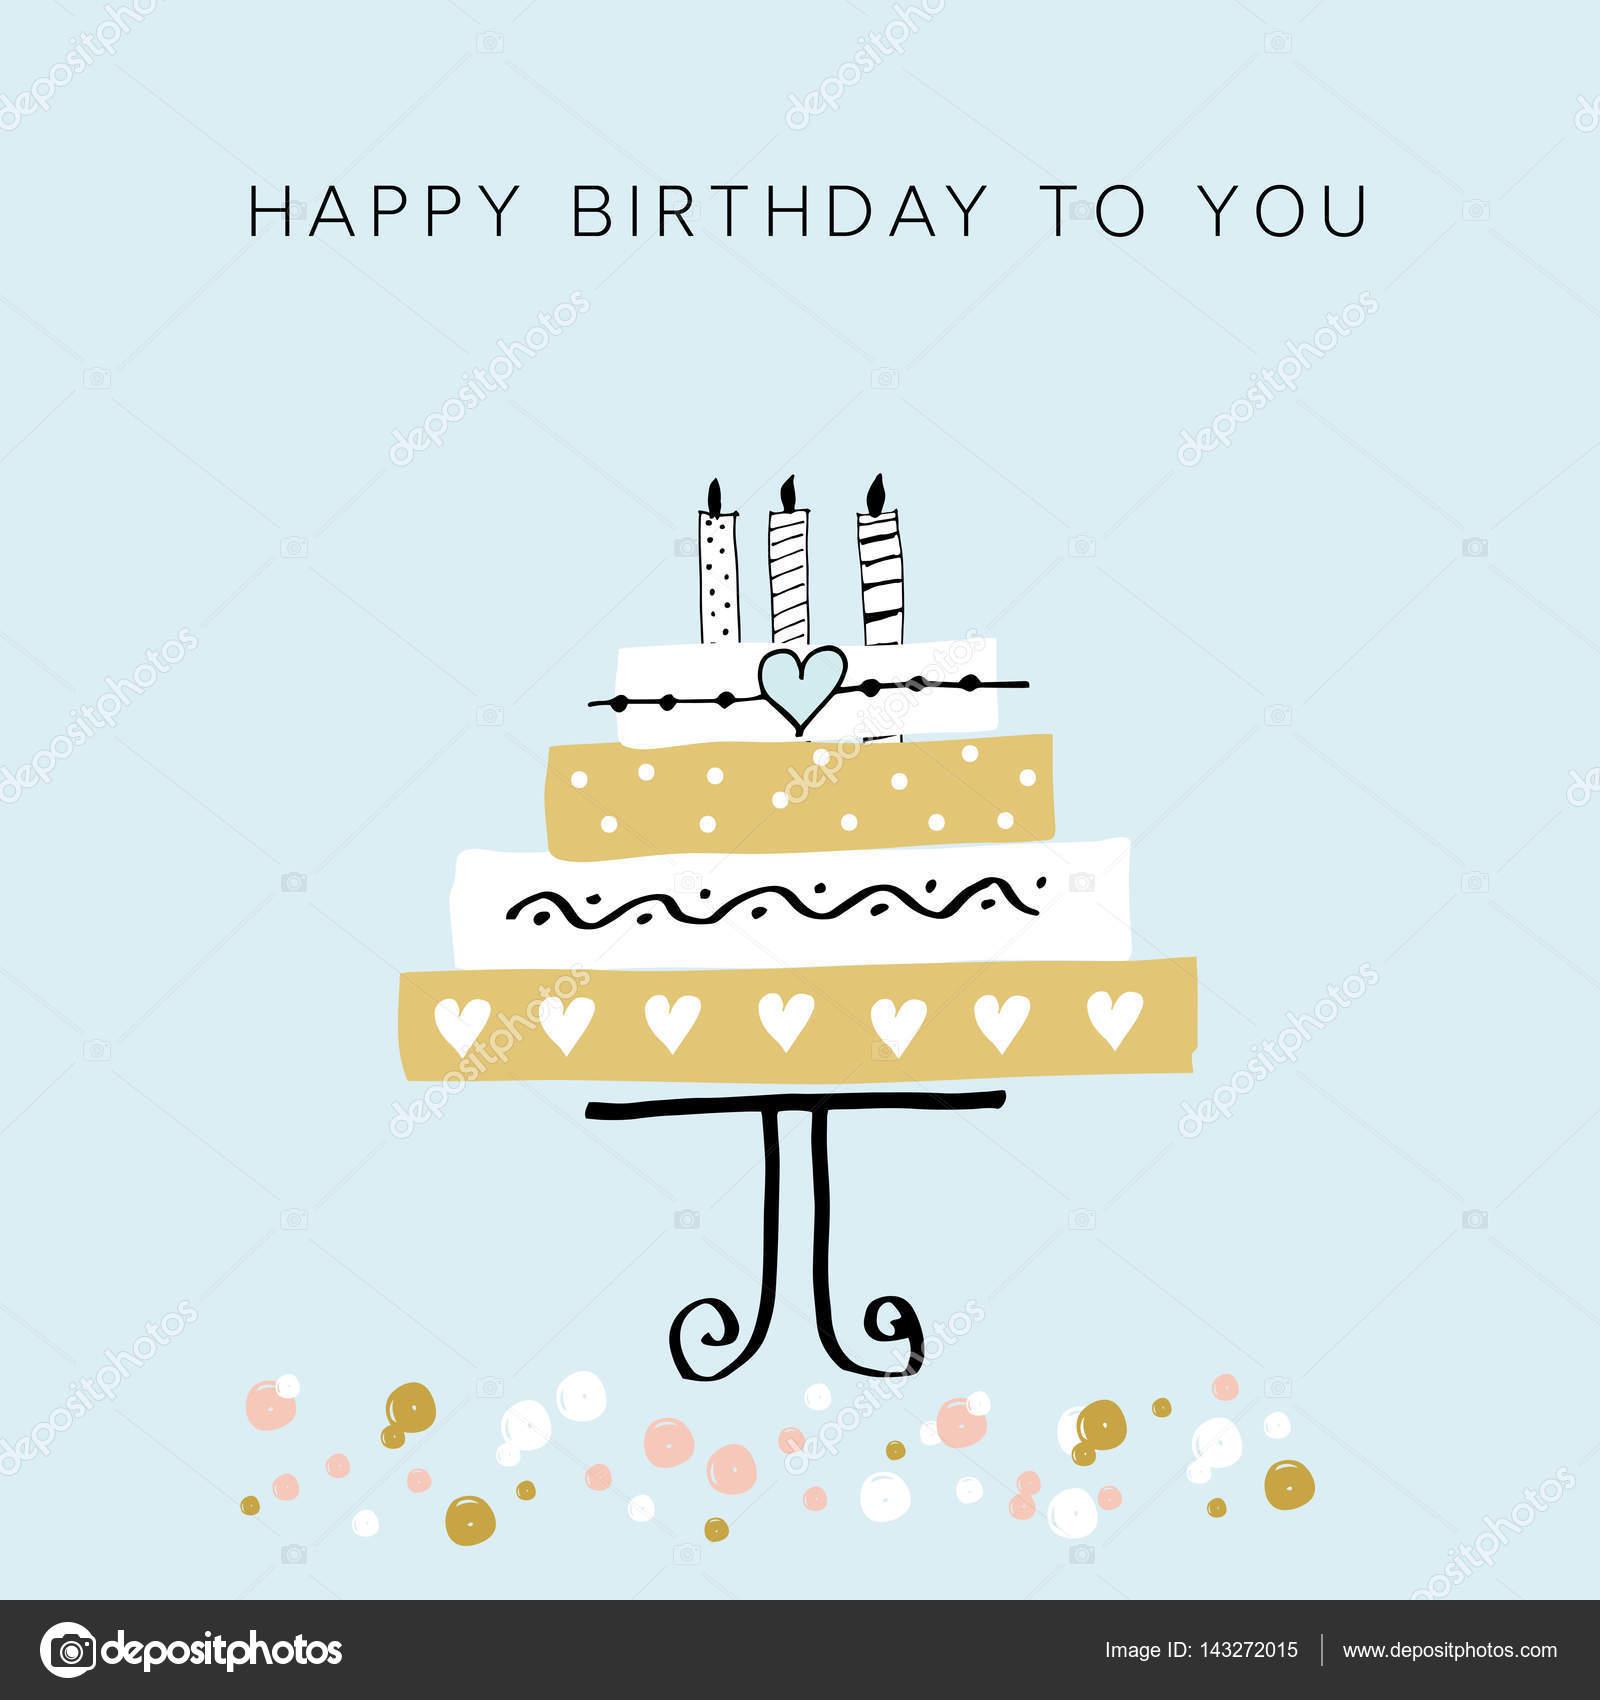 grattis på födelsedagen kort Grattis på födelsedagen kort — Stock Vektor © justaa #143272015 grattis på födelsedagen kort